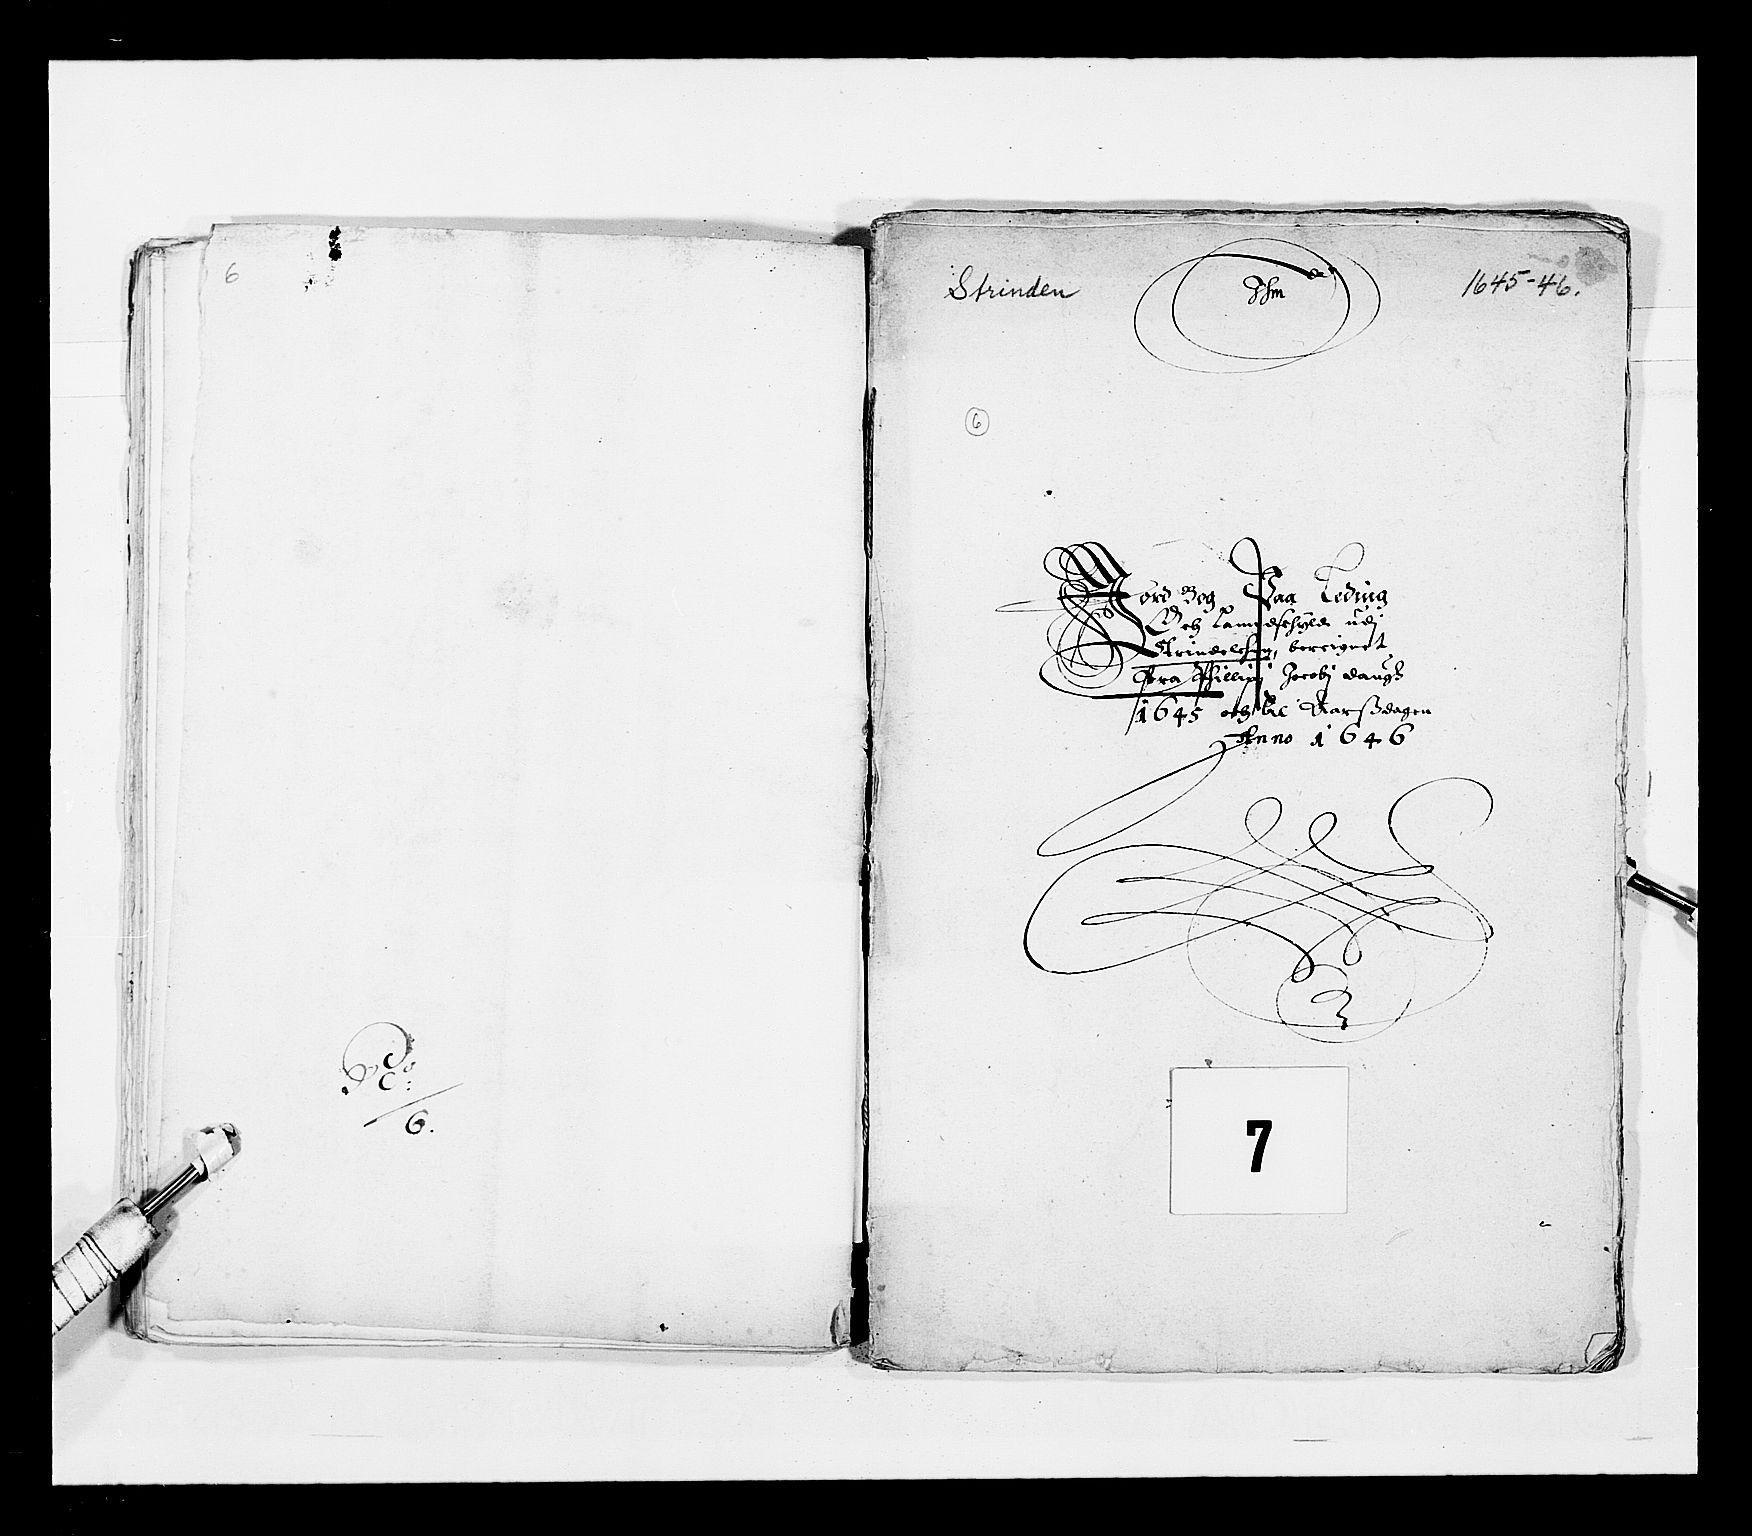 RA, Stattholderembetet 1572-1771, Ek/L0028: Jordebøker 1633-1658:, 1645-1646, s. 164